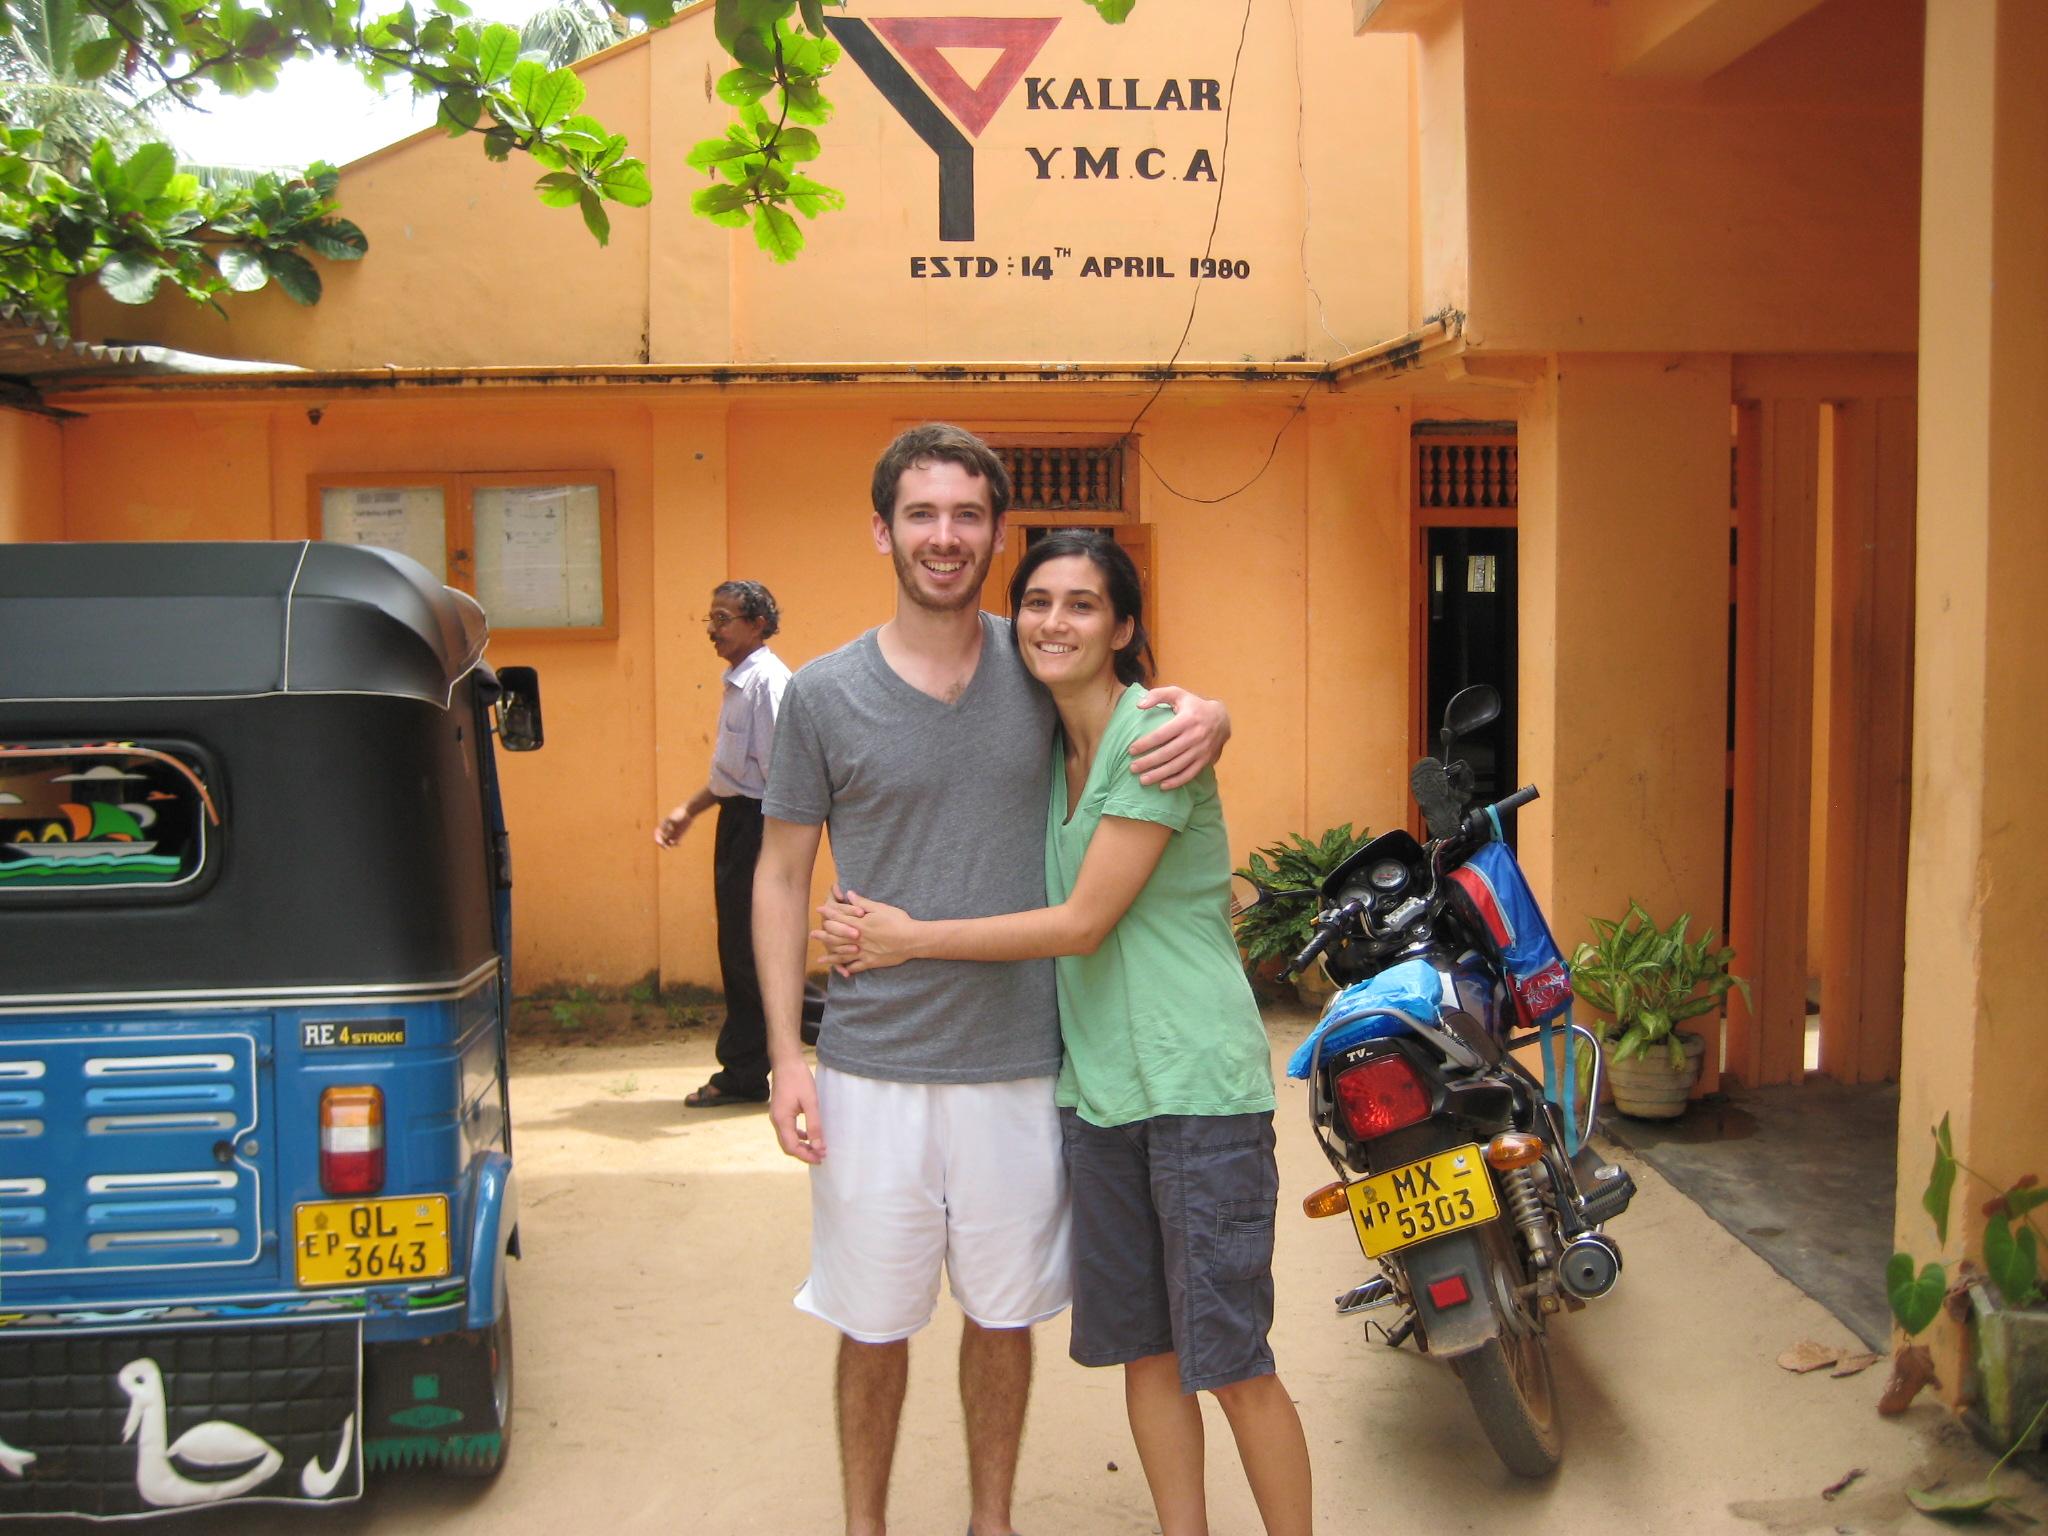 2009: YMCA, Kallar